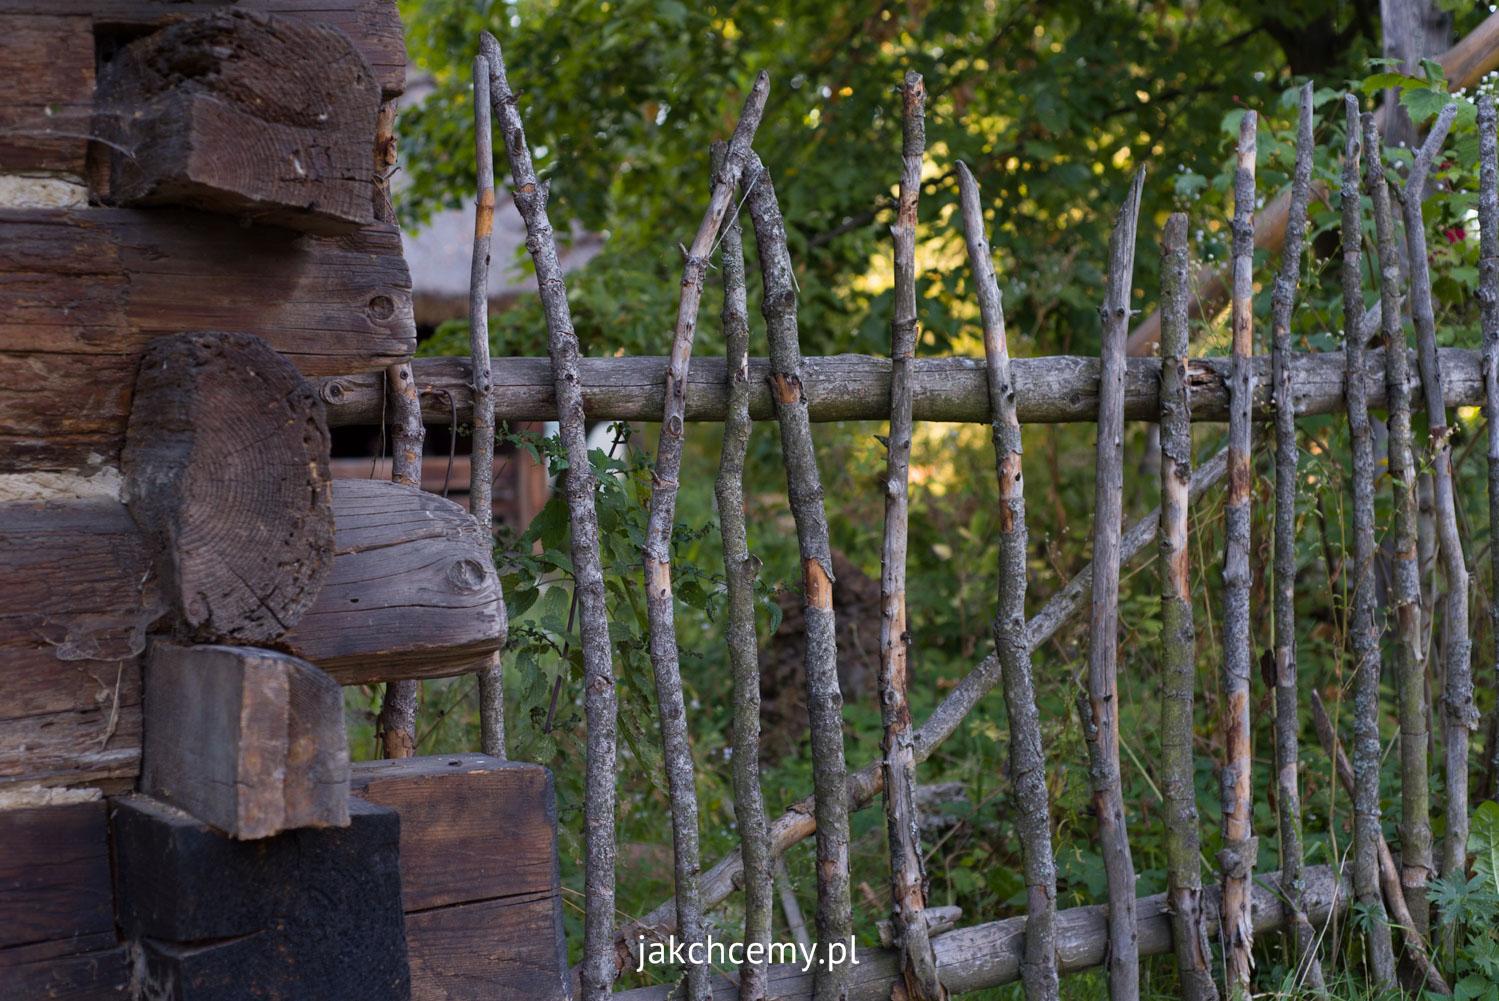 roztocze-guciow-wakacje-2016-1500-0001